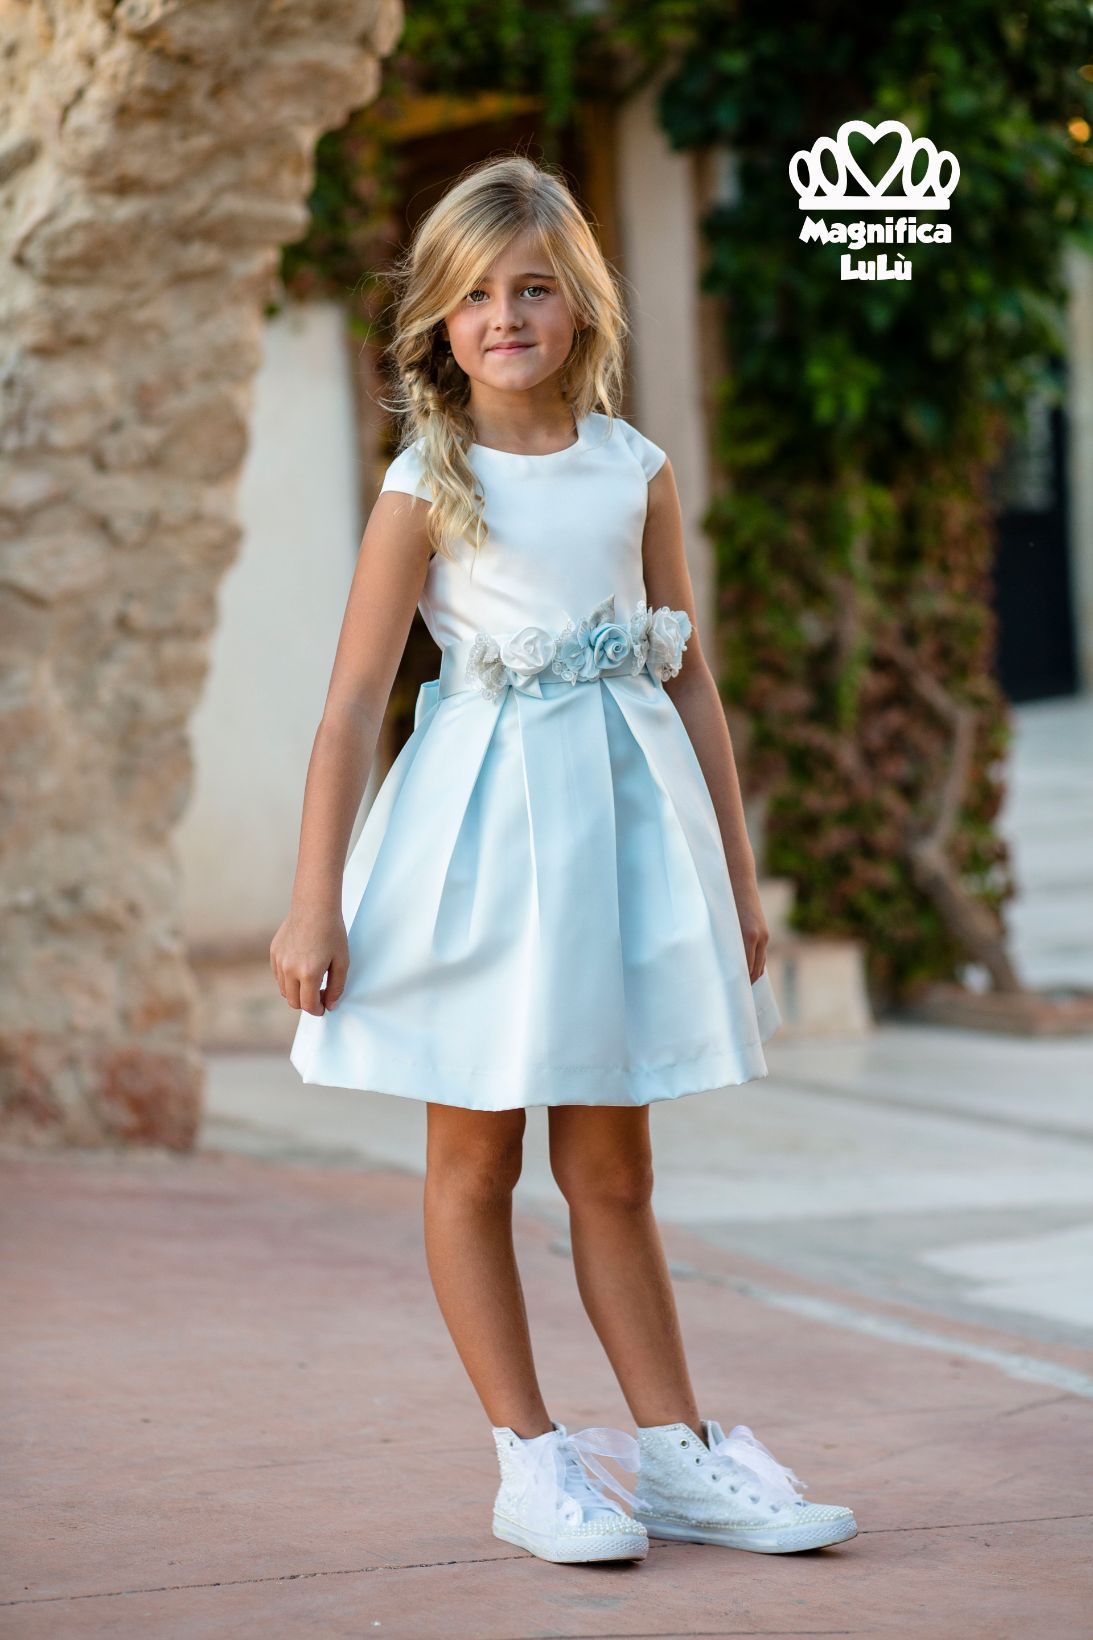 Vestidos de fiesta magnifica lulu